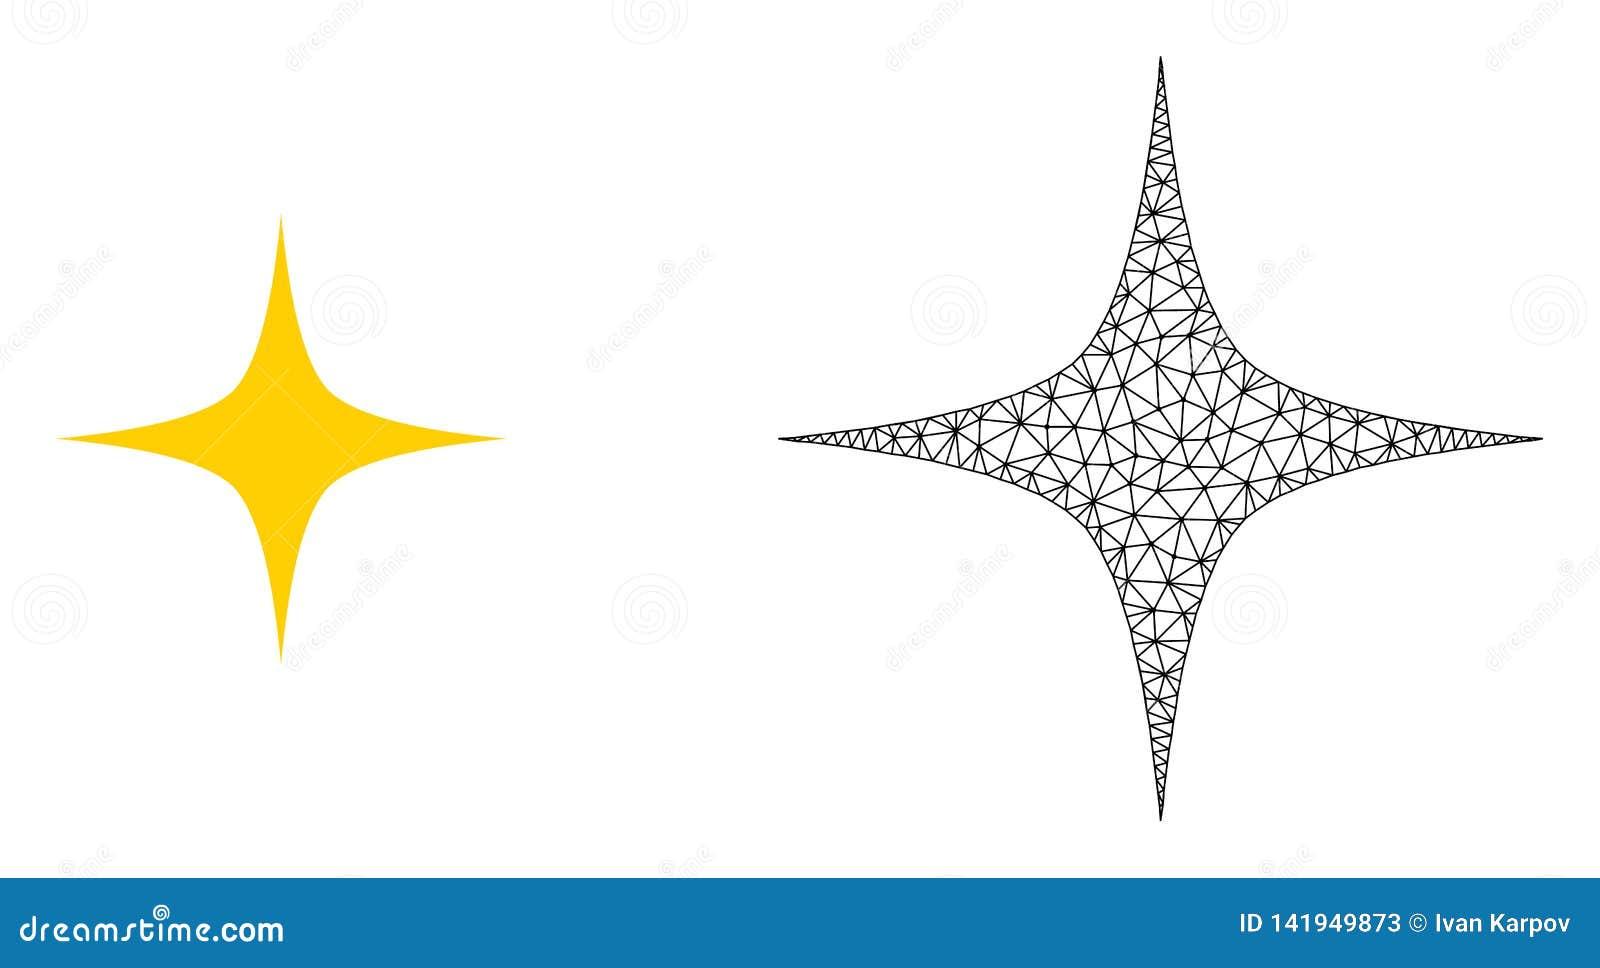 Carcasse Mesh Space Star de vecteur et icône plate